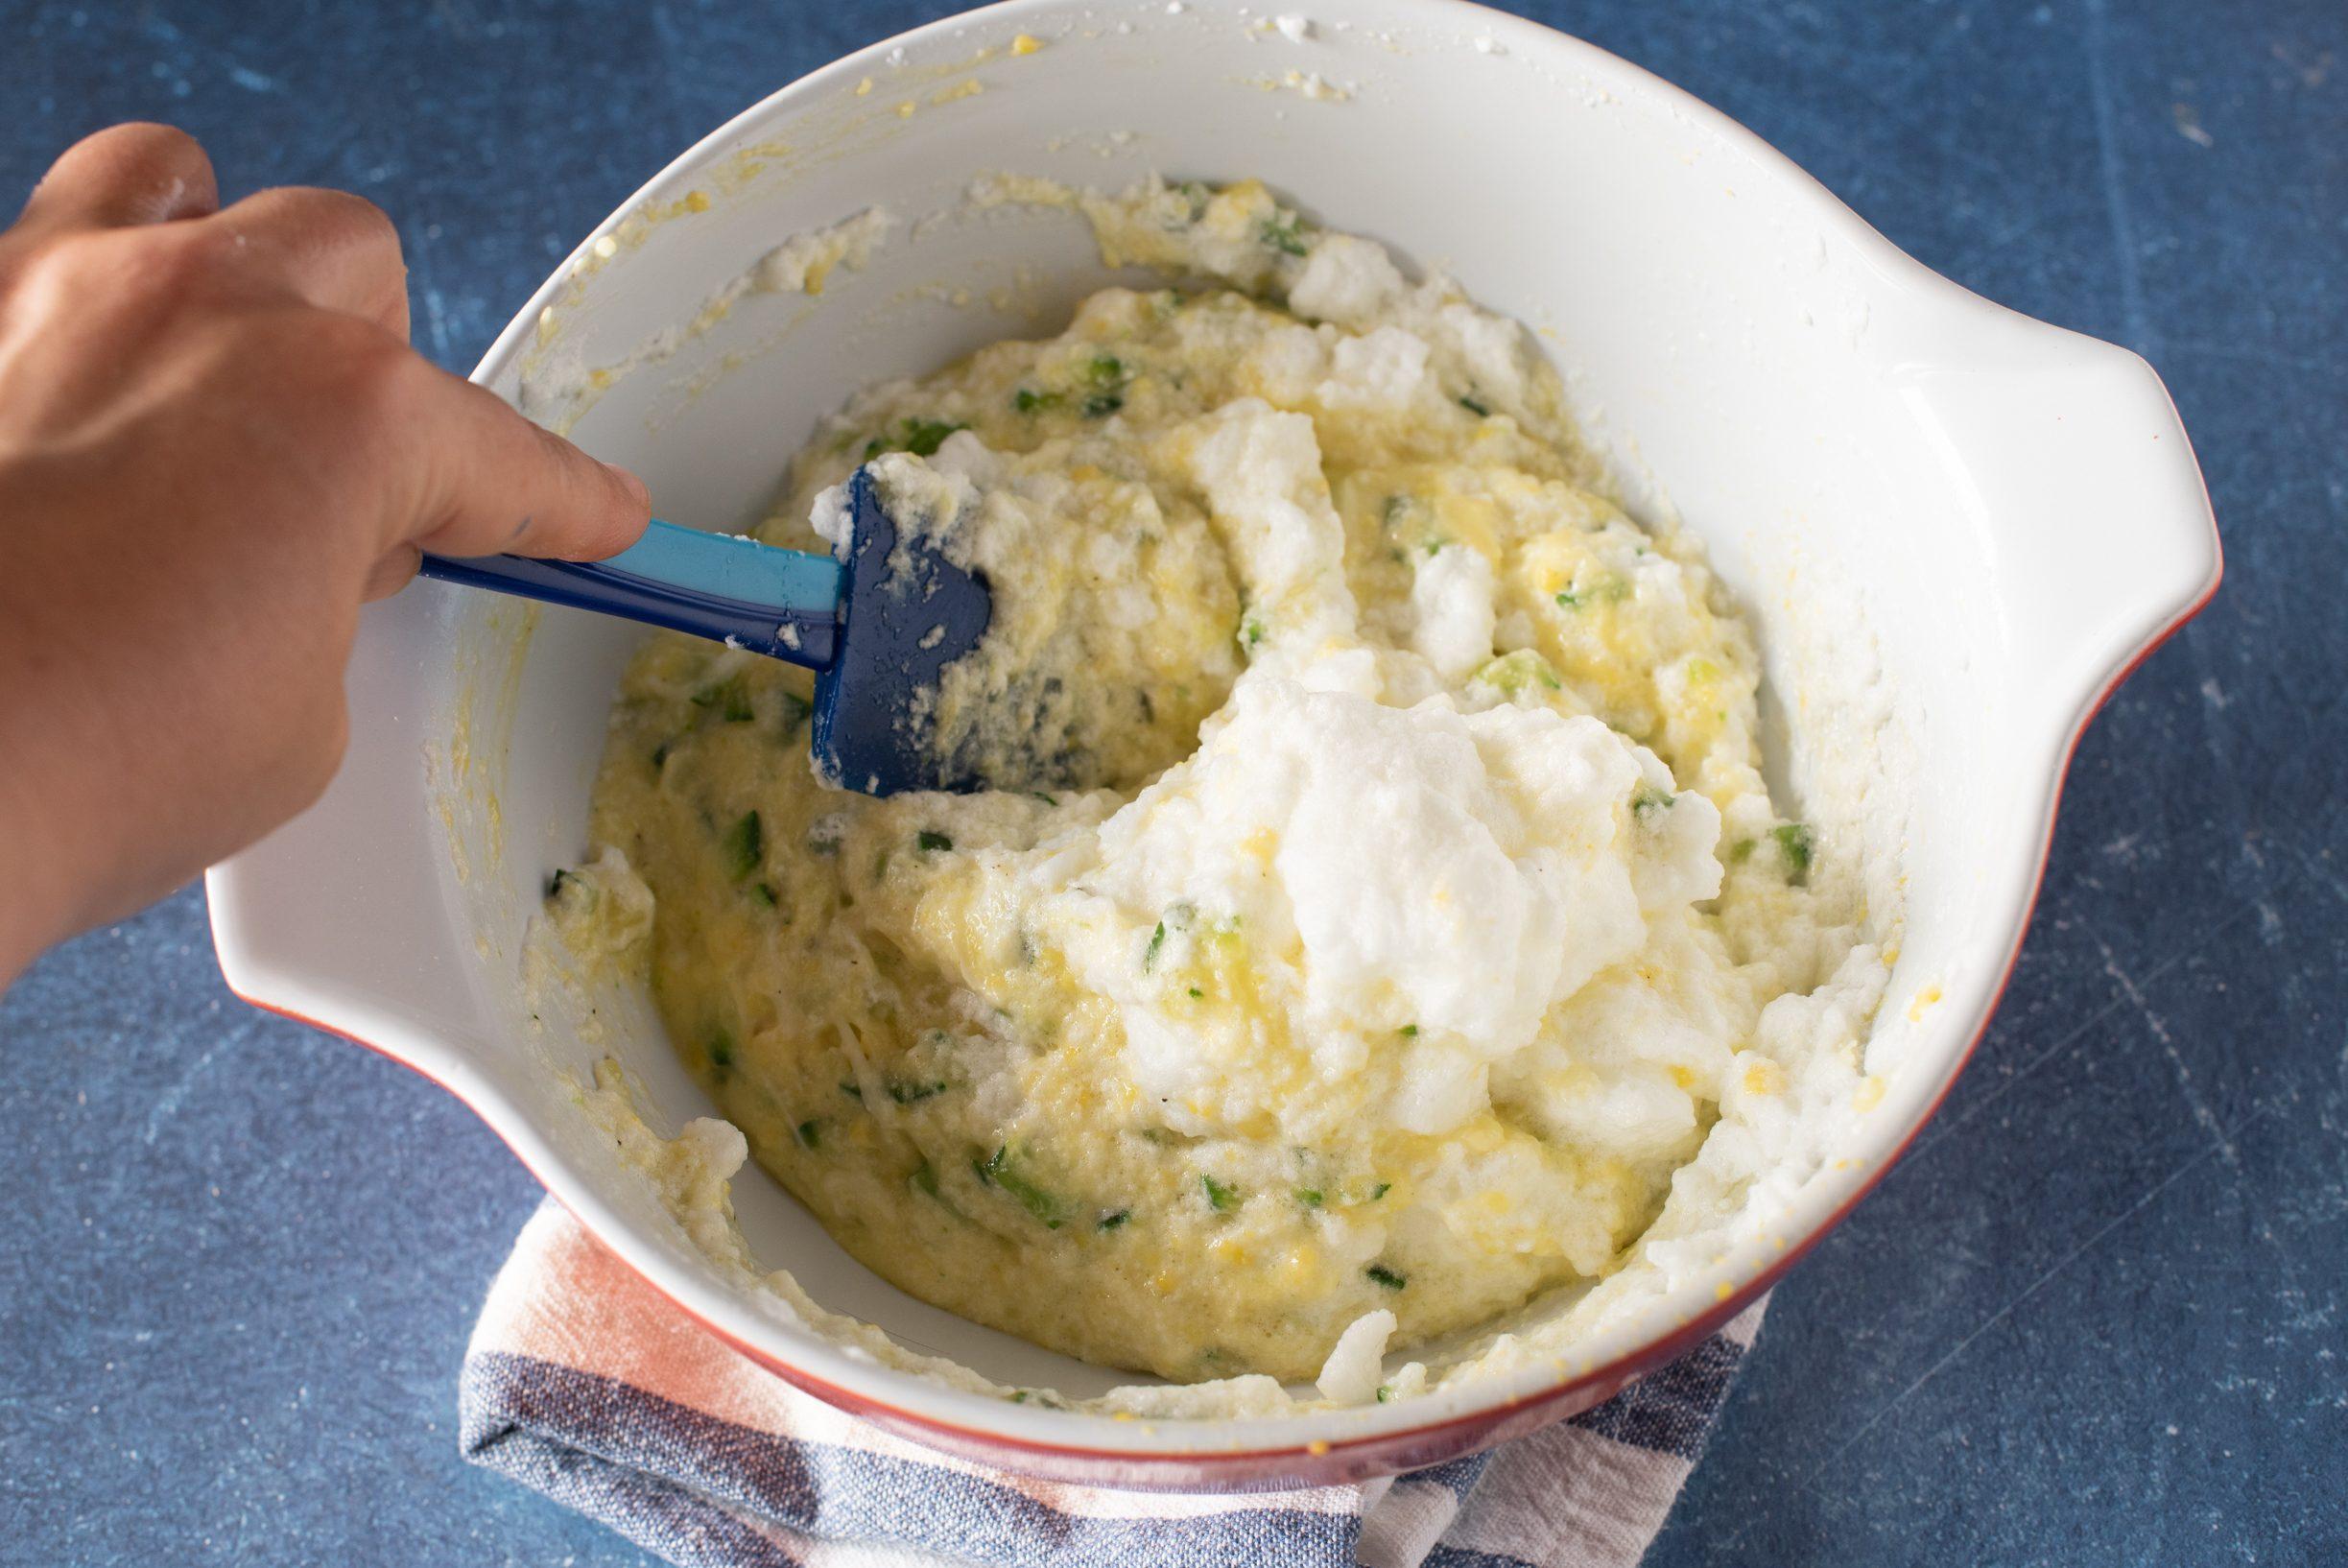 Soufflé di zucchine, mescolare il tutto